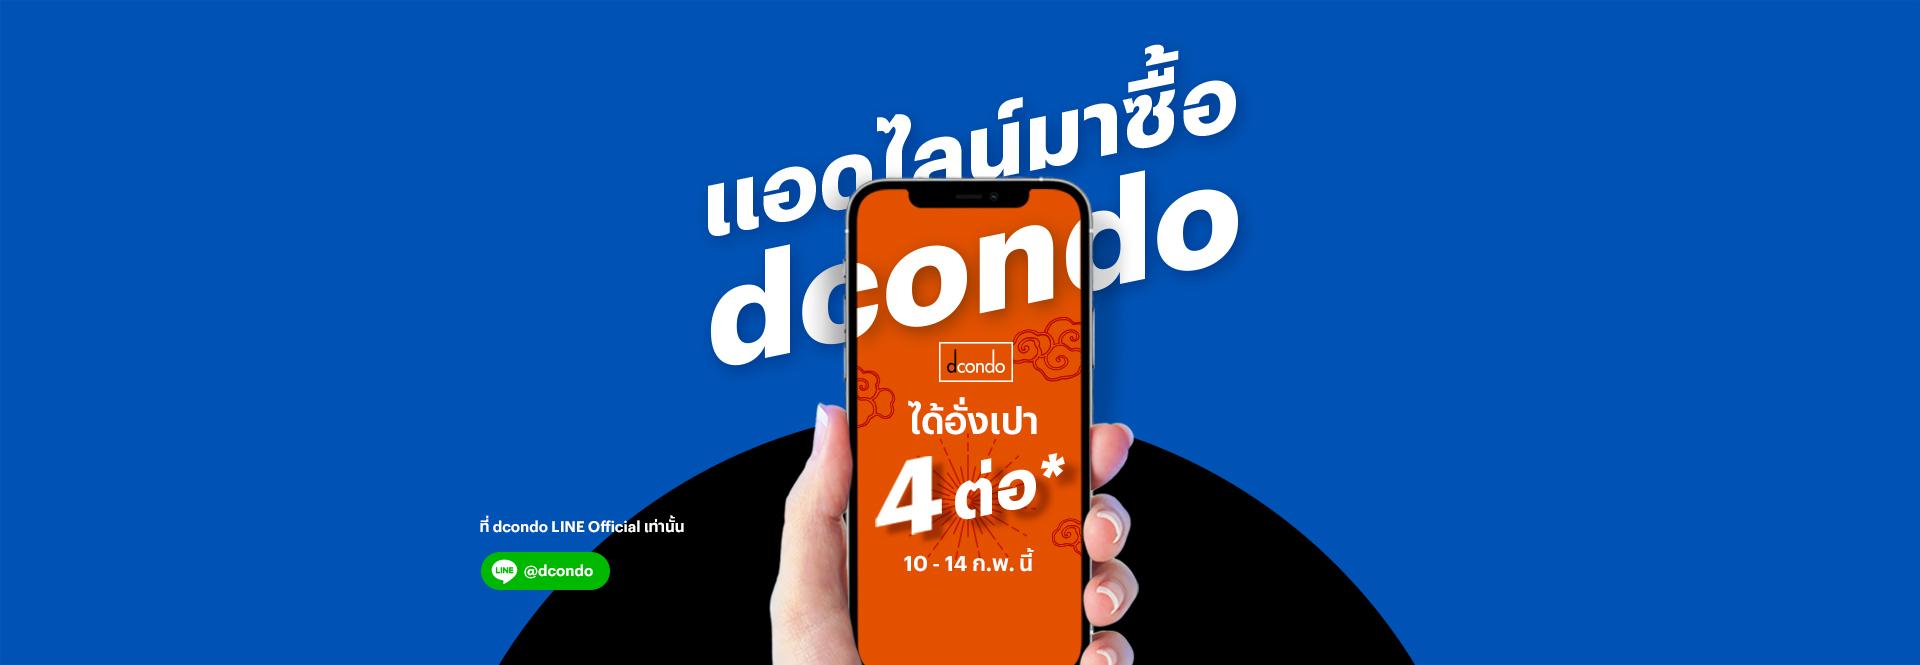 แอดไลน์มาซื้อ dcondo